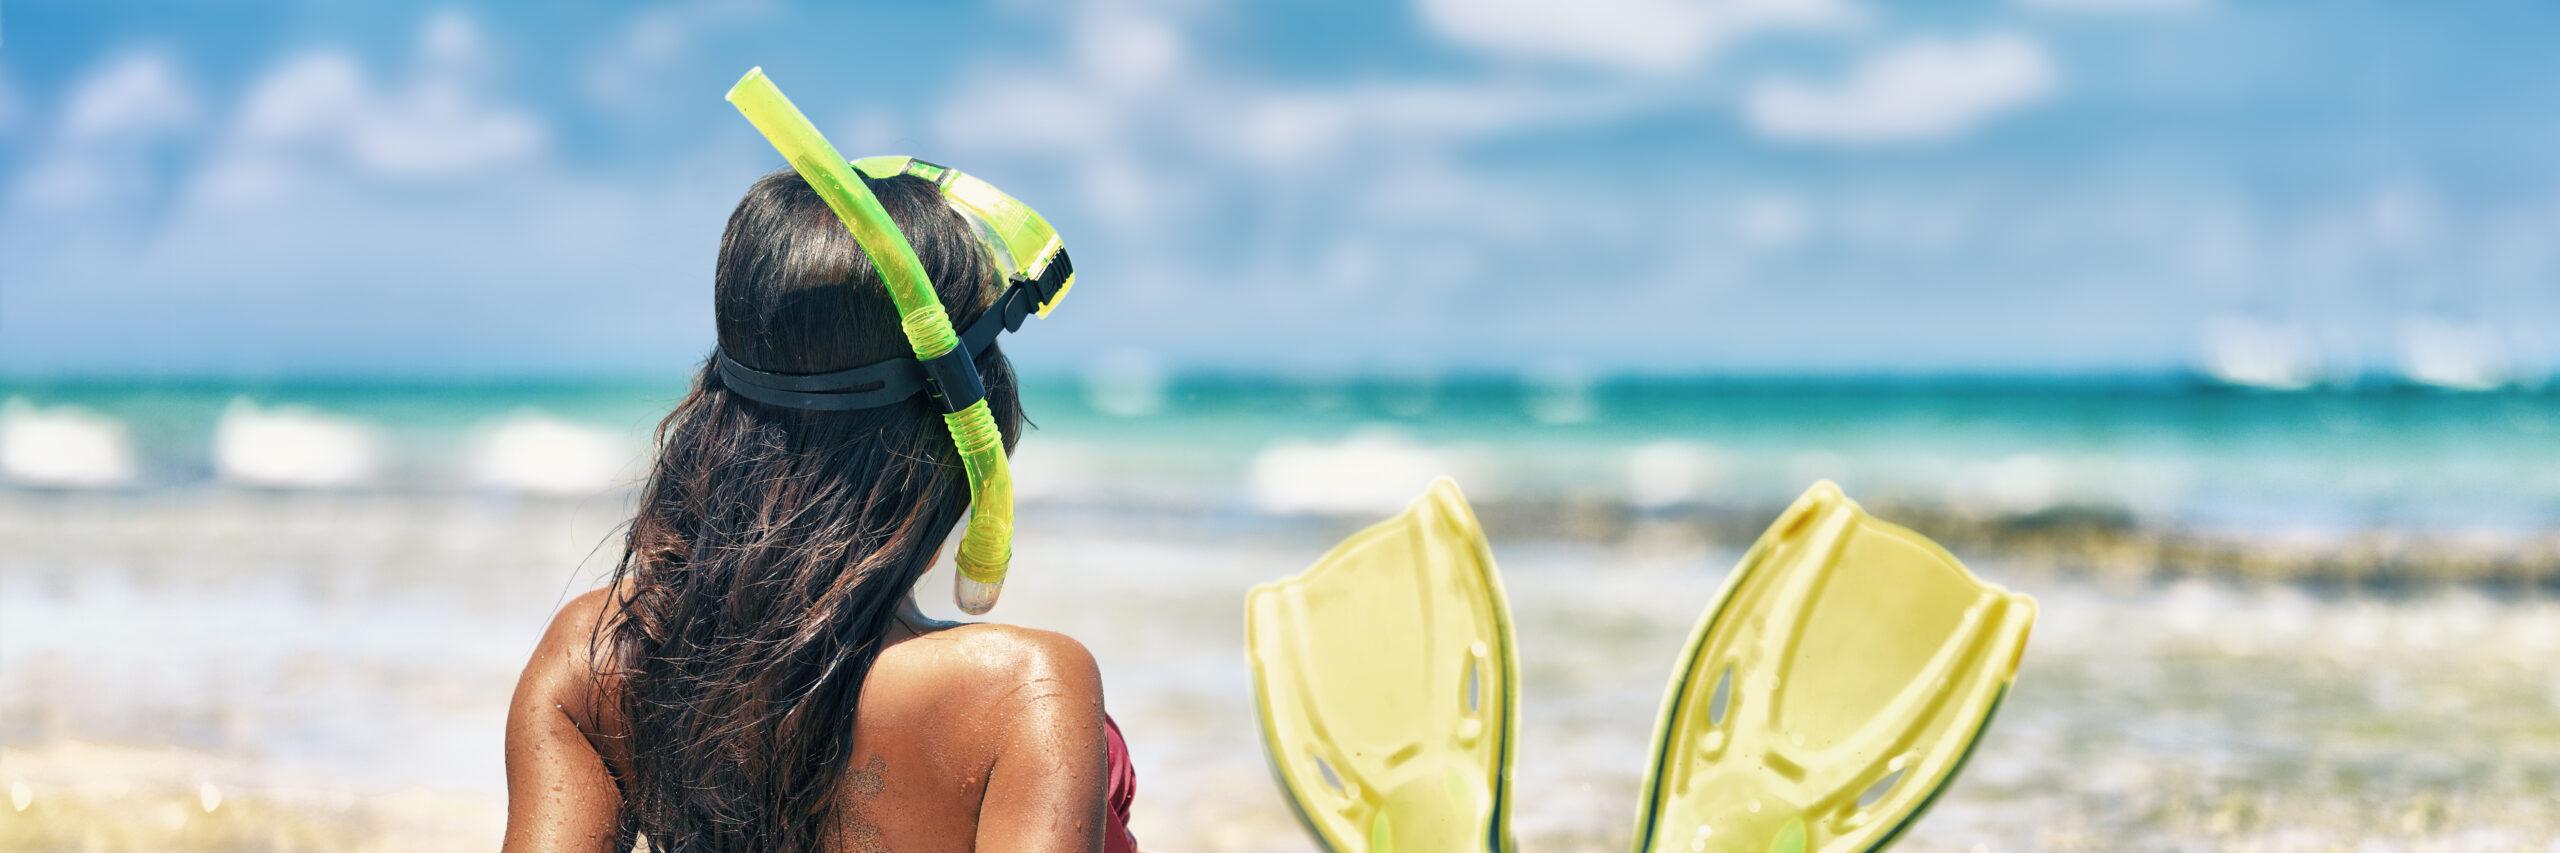 snorkel altair